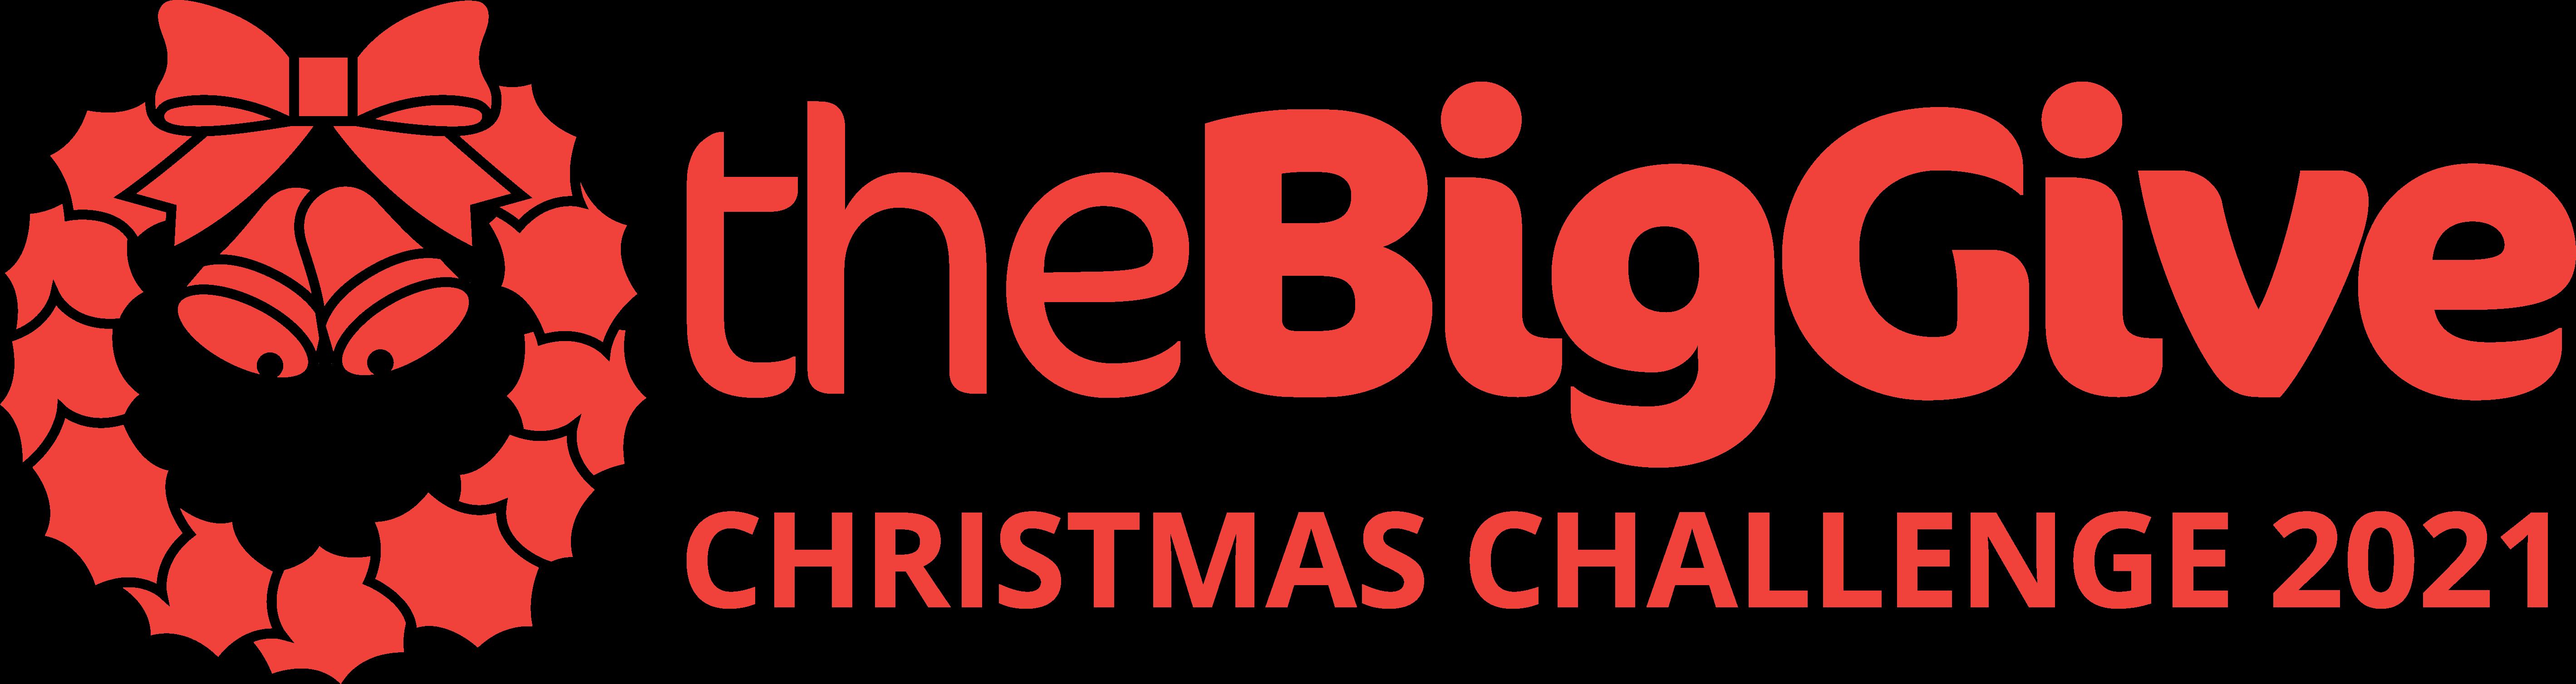 TBG Christmas Logo 2021 TBG Logo Horisonal Red CC Year